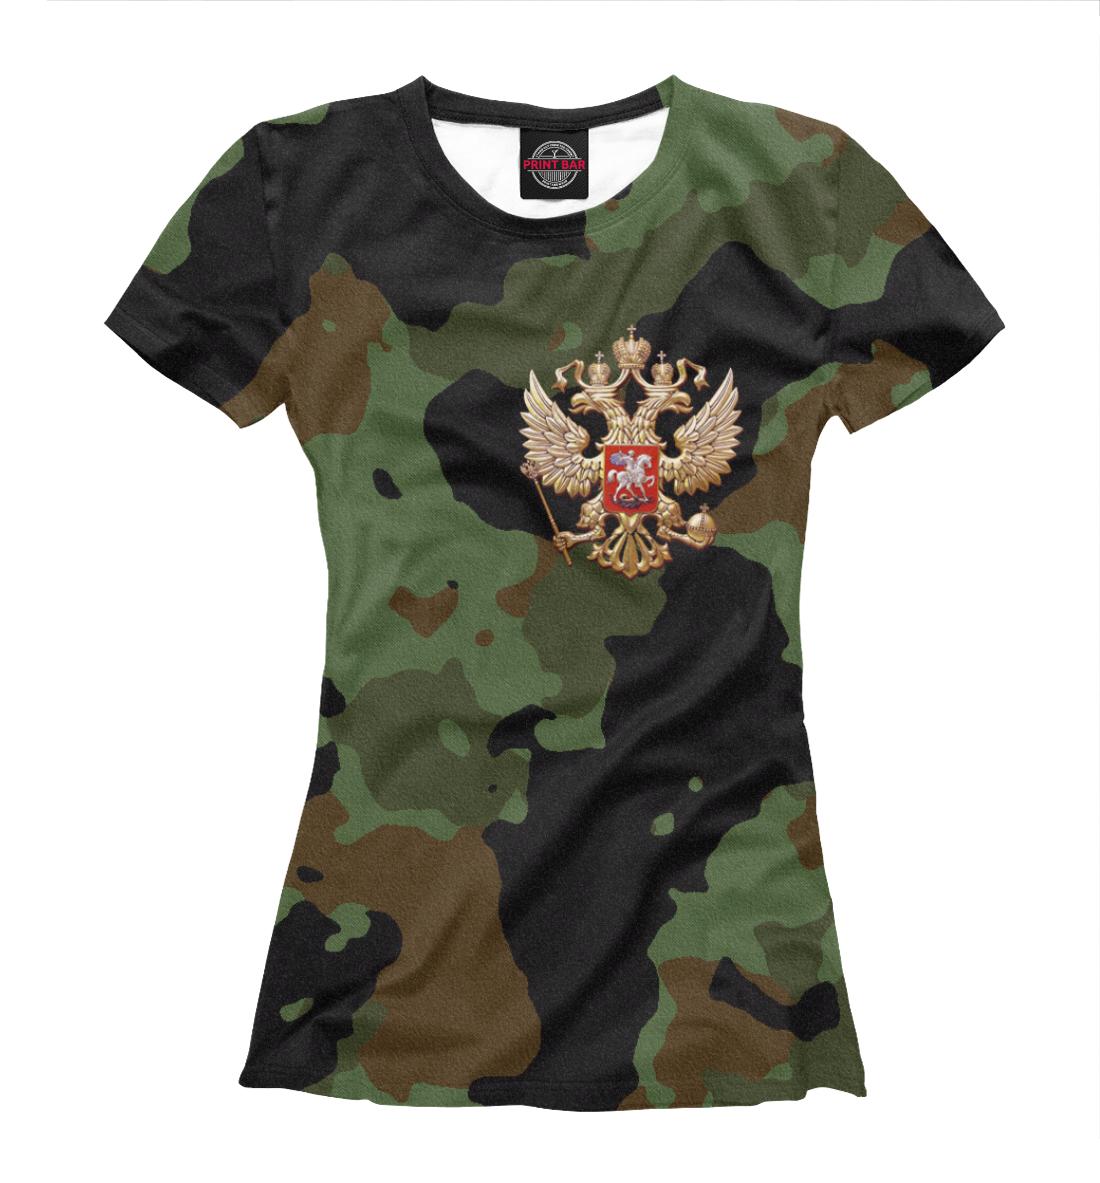 Купить Хаки и герб, Printbar, Футболки, SRF-725706-fut-1